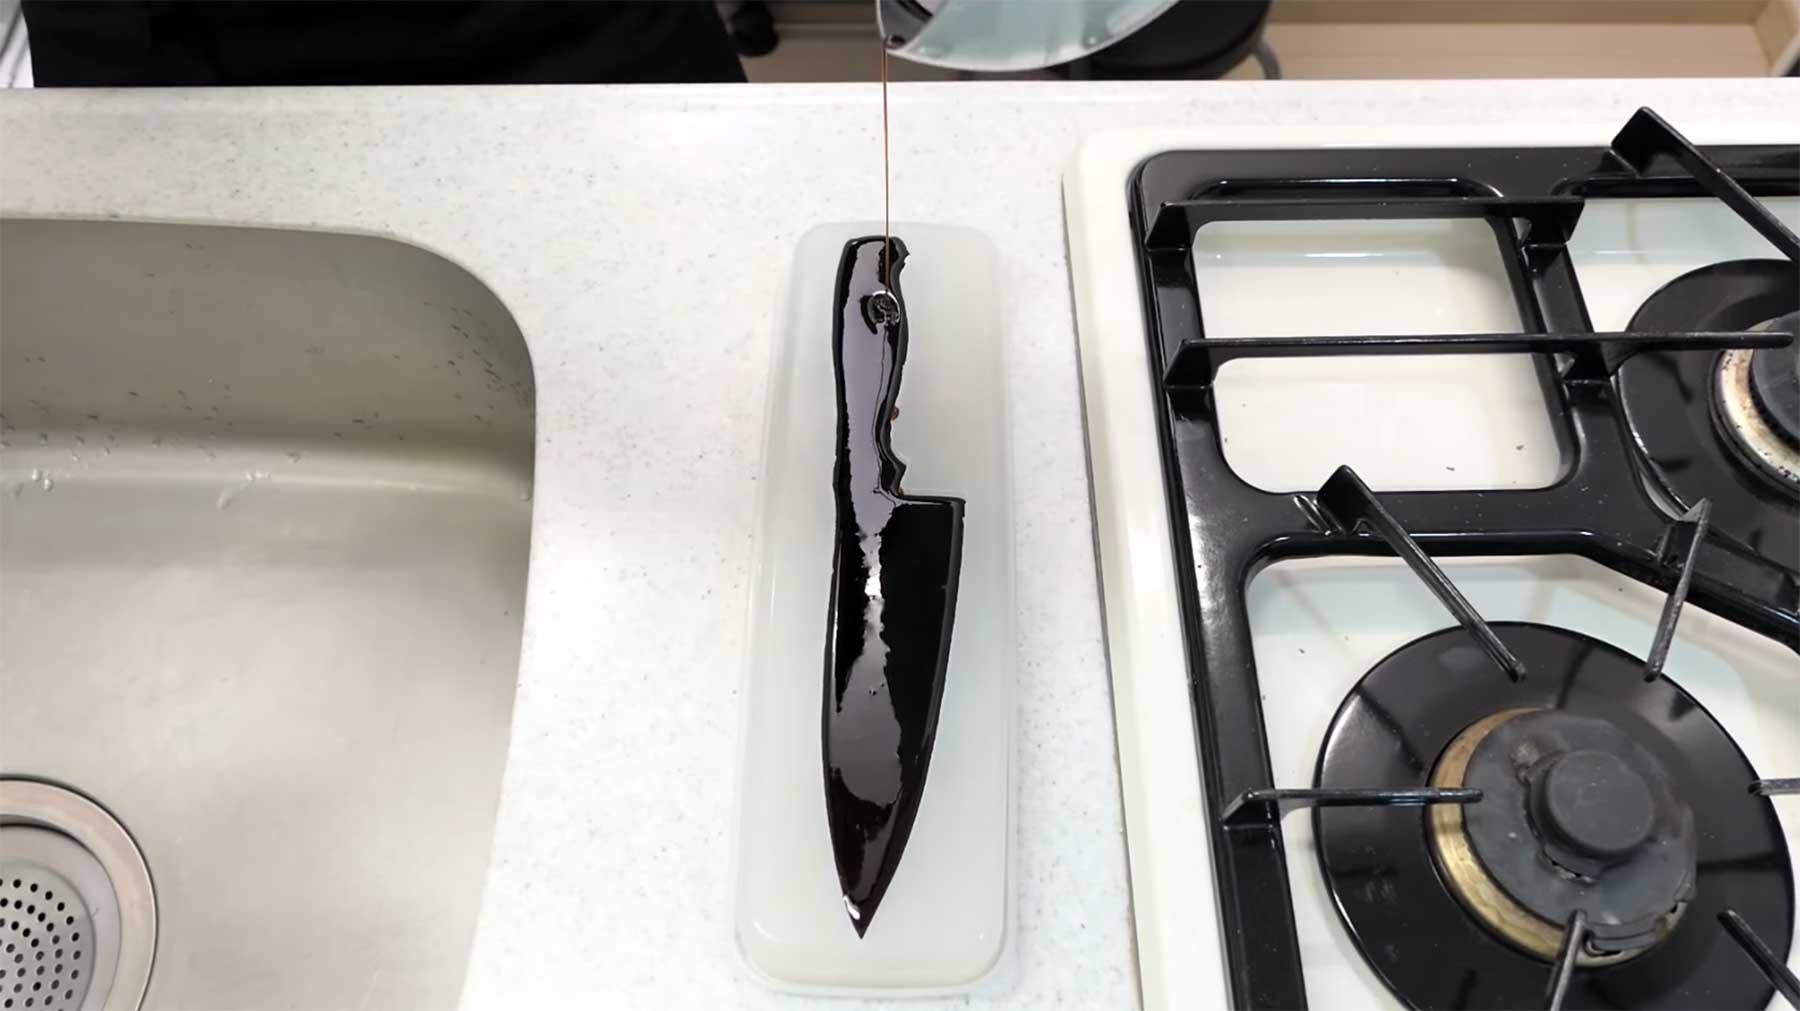 Küchenmesser aus Süßigkeiten herstellen